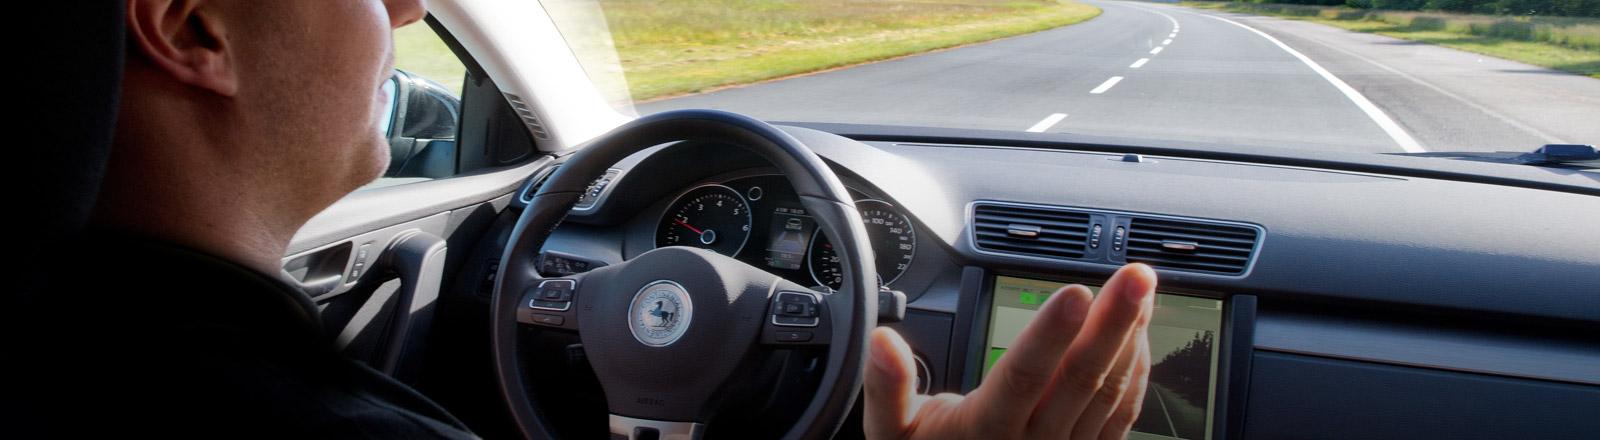 Ein Mann fährt in einem Auto mit Autopilot, die Hände hat er nicht am Lenkrad.